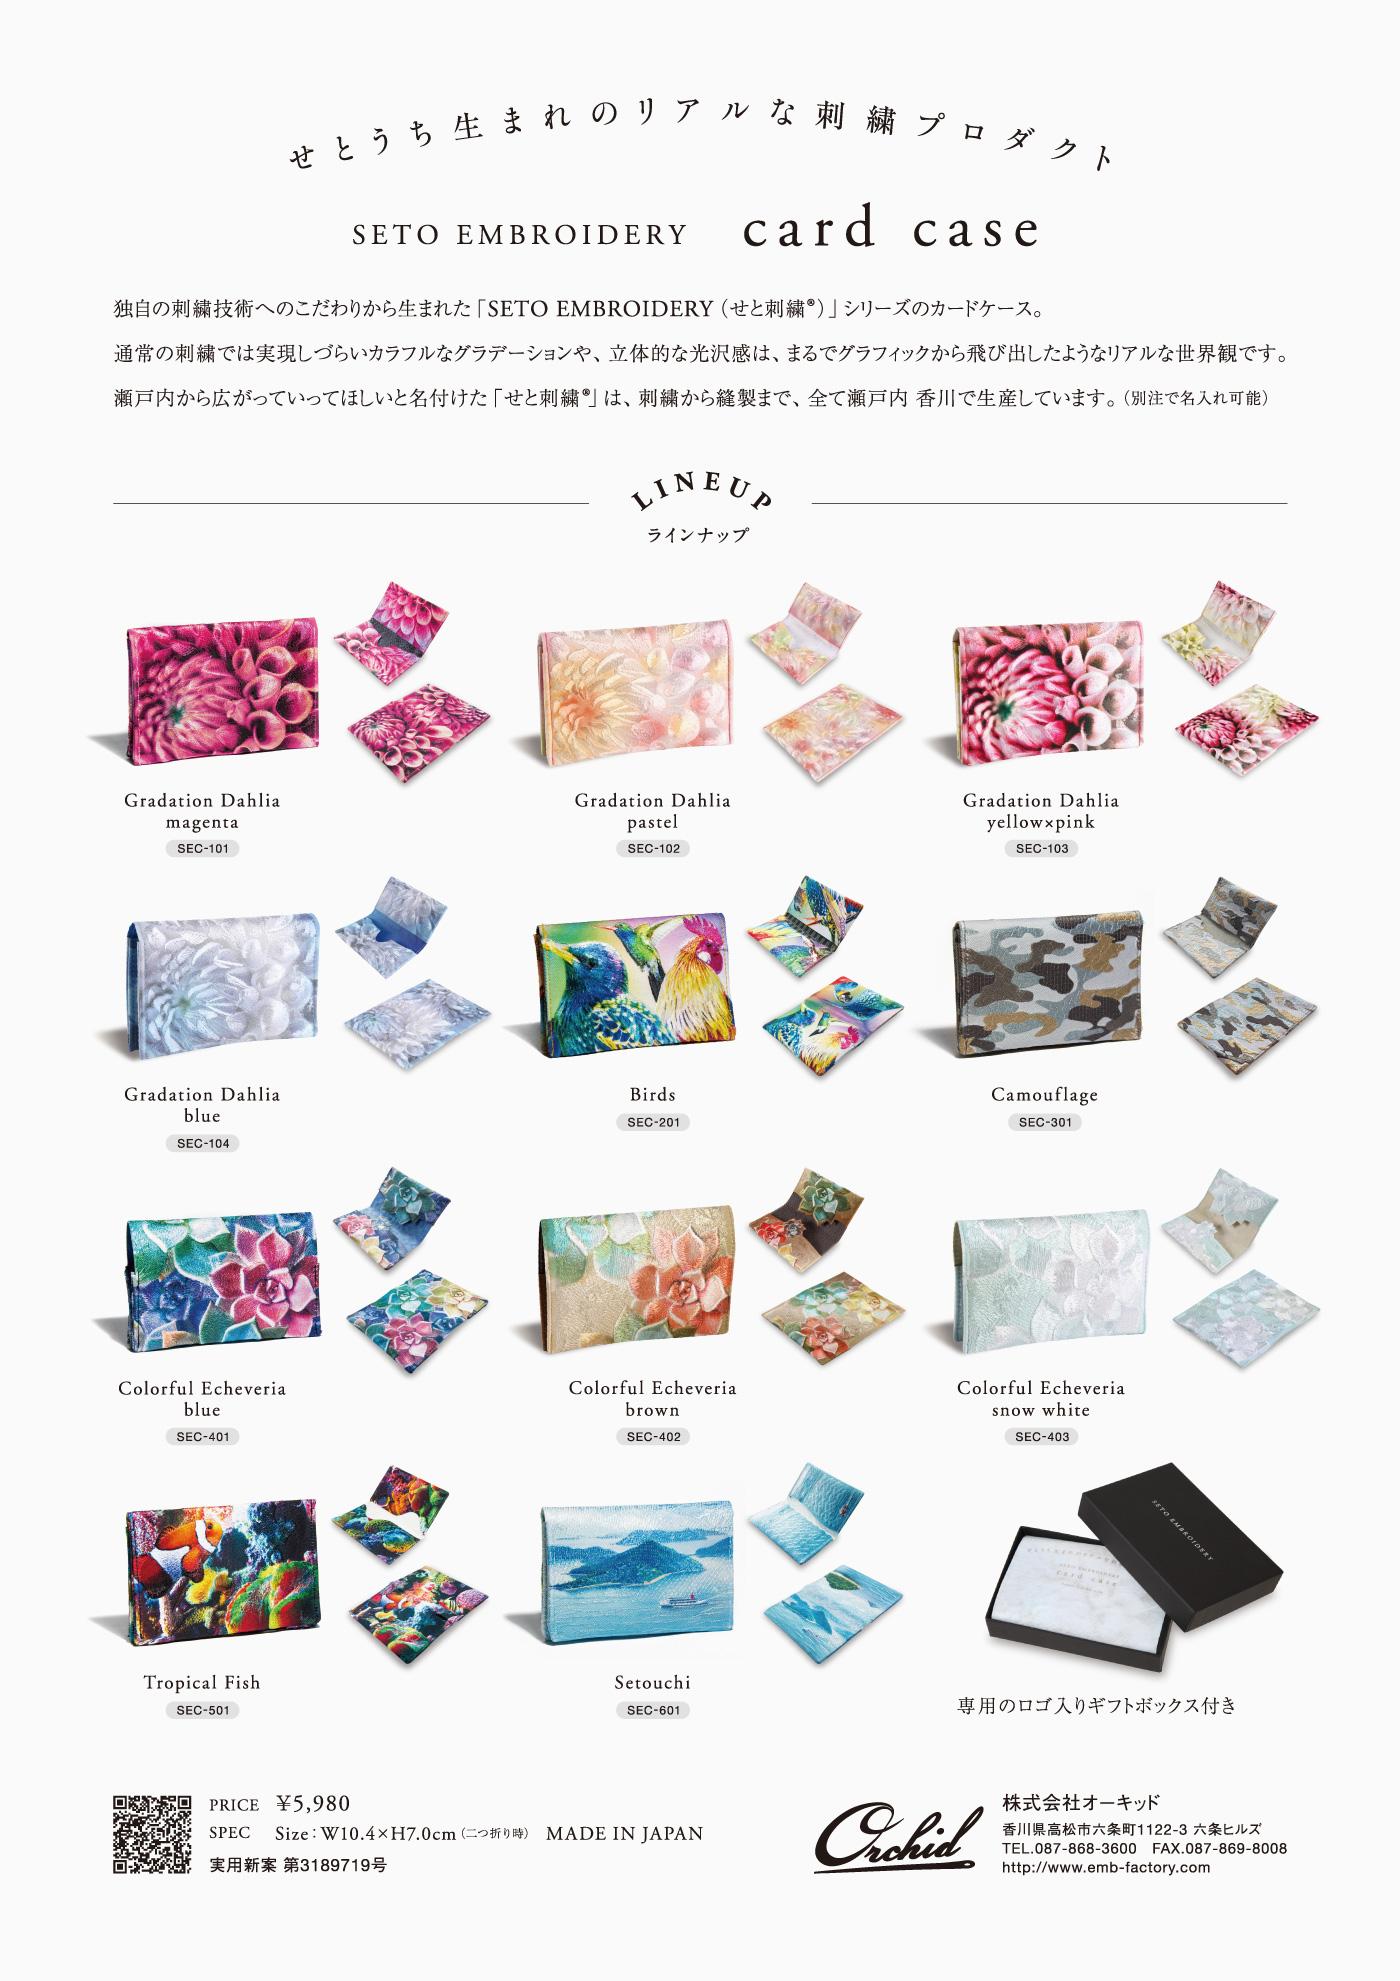 オーキッド,瀬戸刺しゅう,刺繍,名刺入れ,カードケース